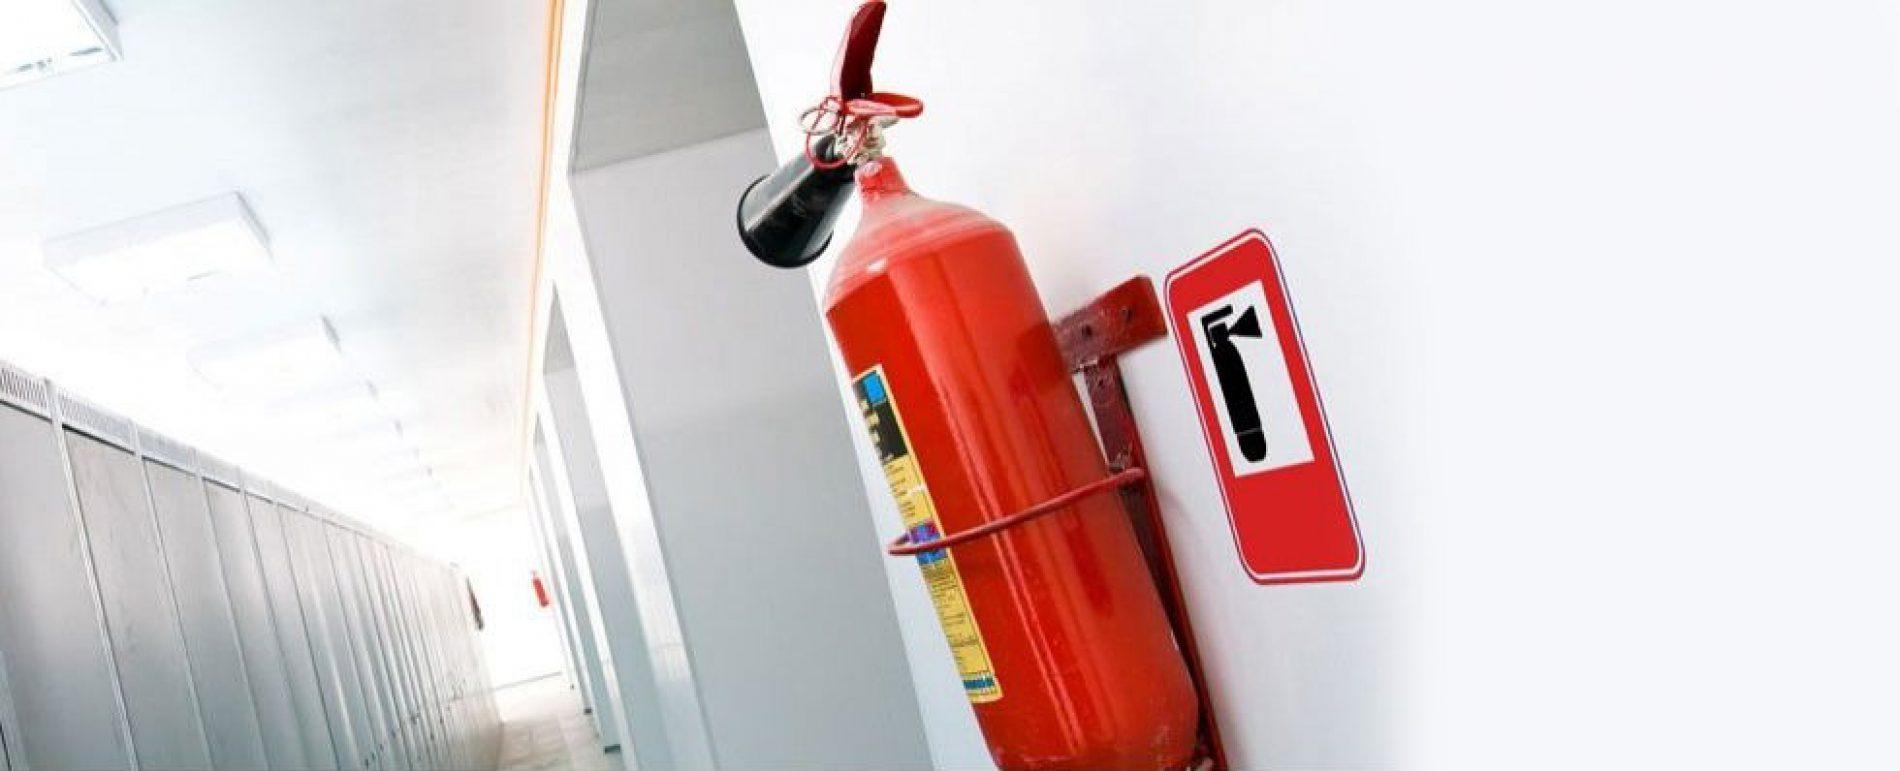 Deroga per il Piano Prevenzione Incendi